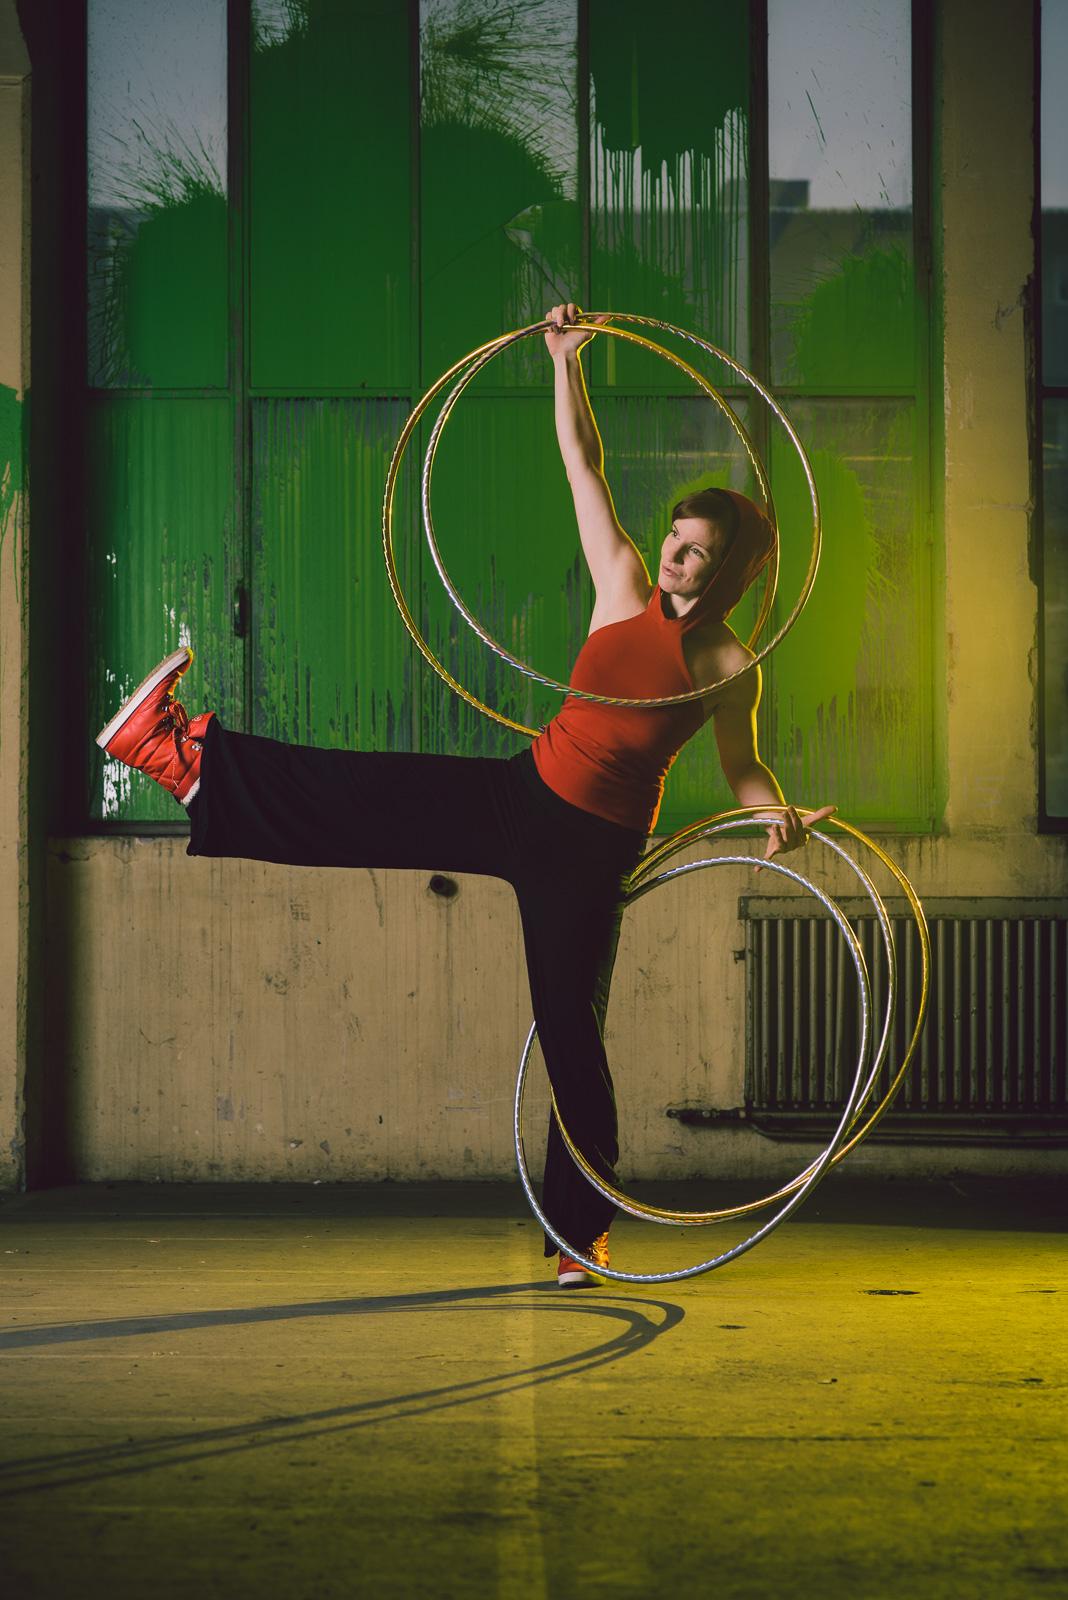 hula-hoop-shootingLY8_0854